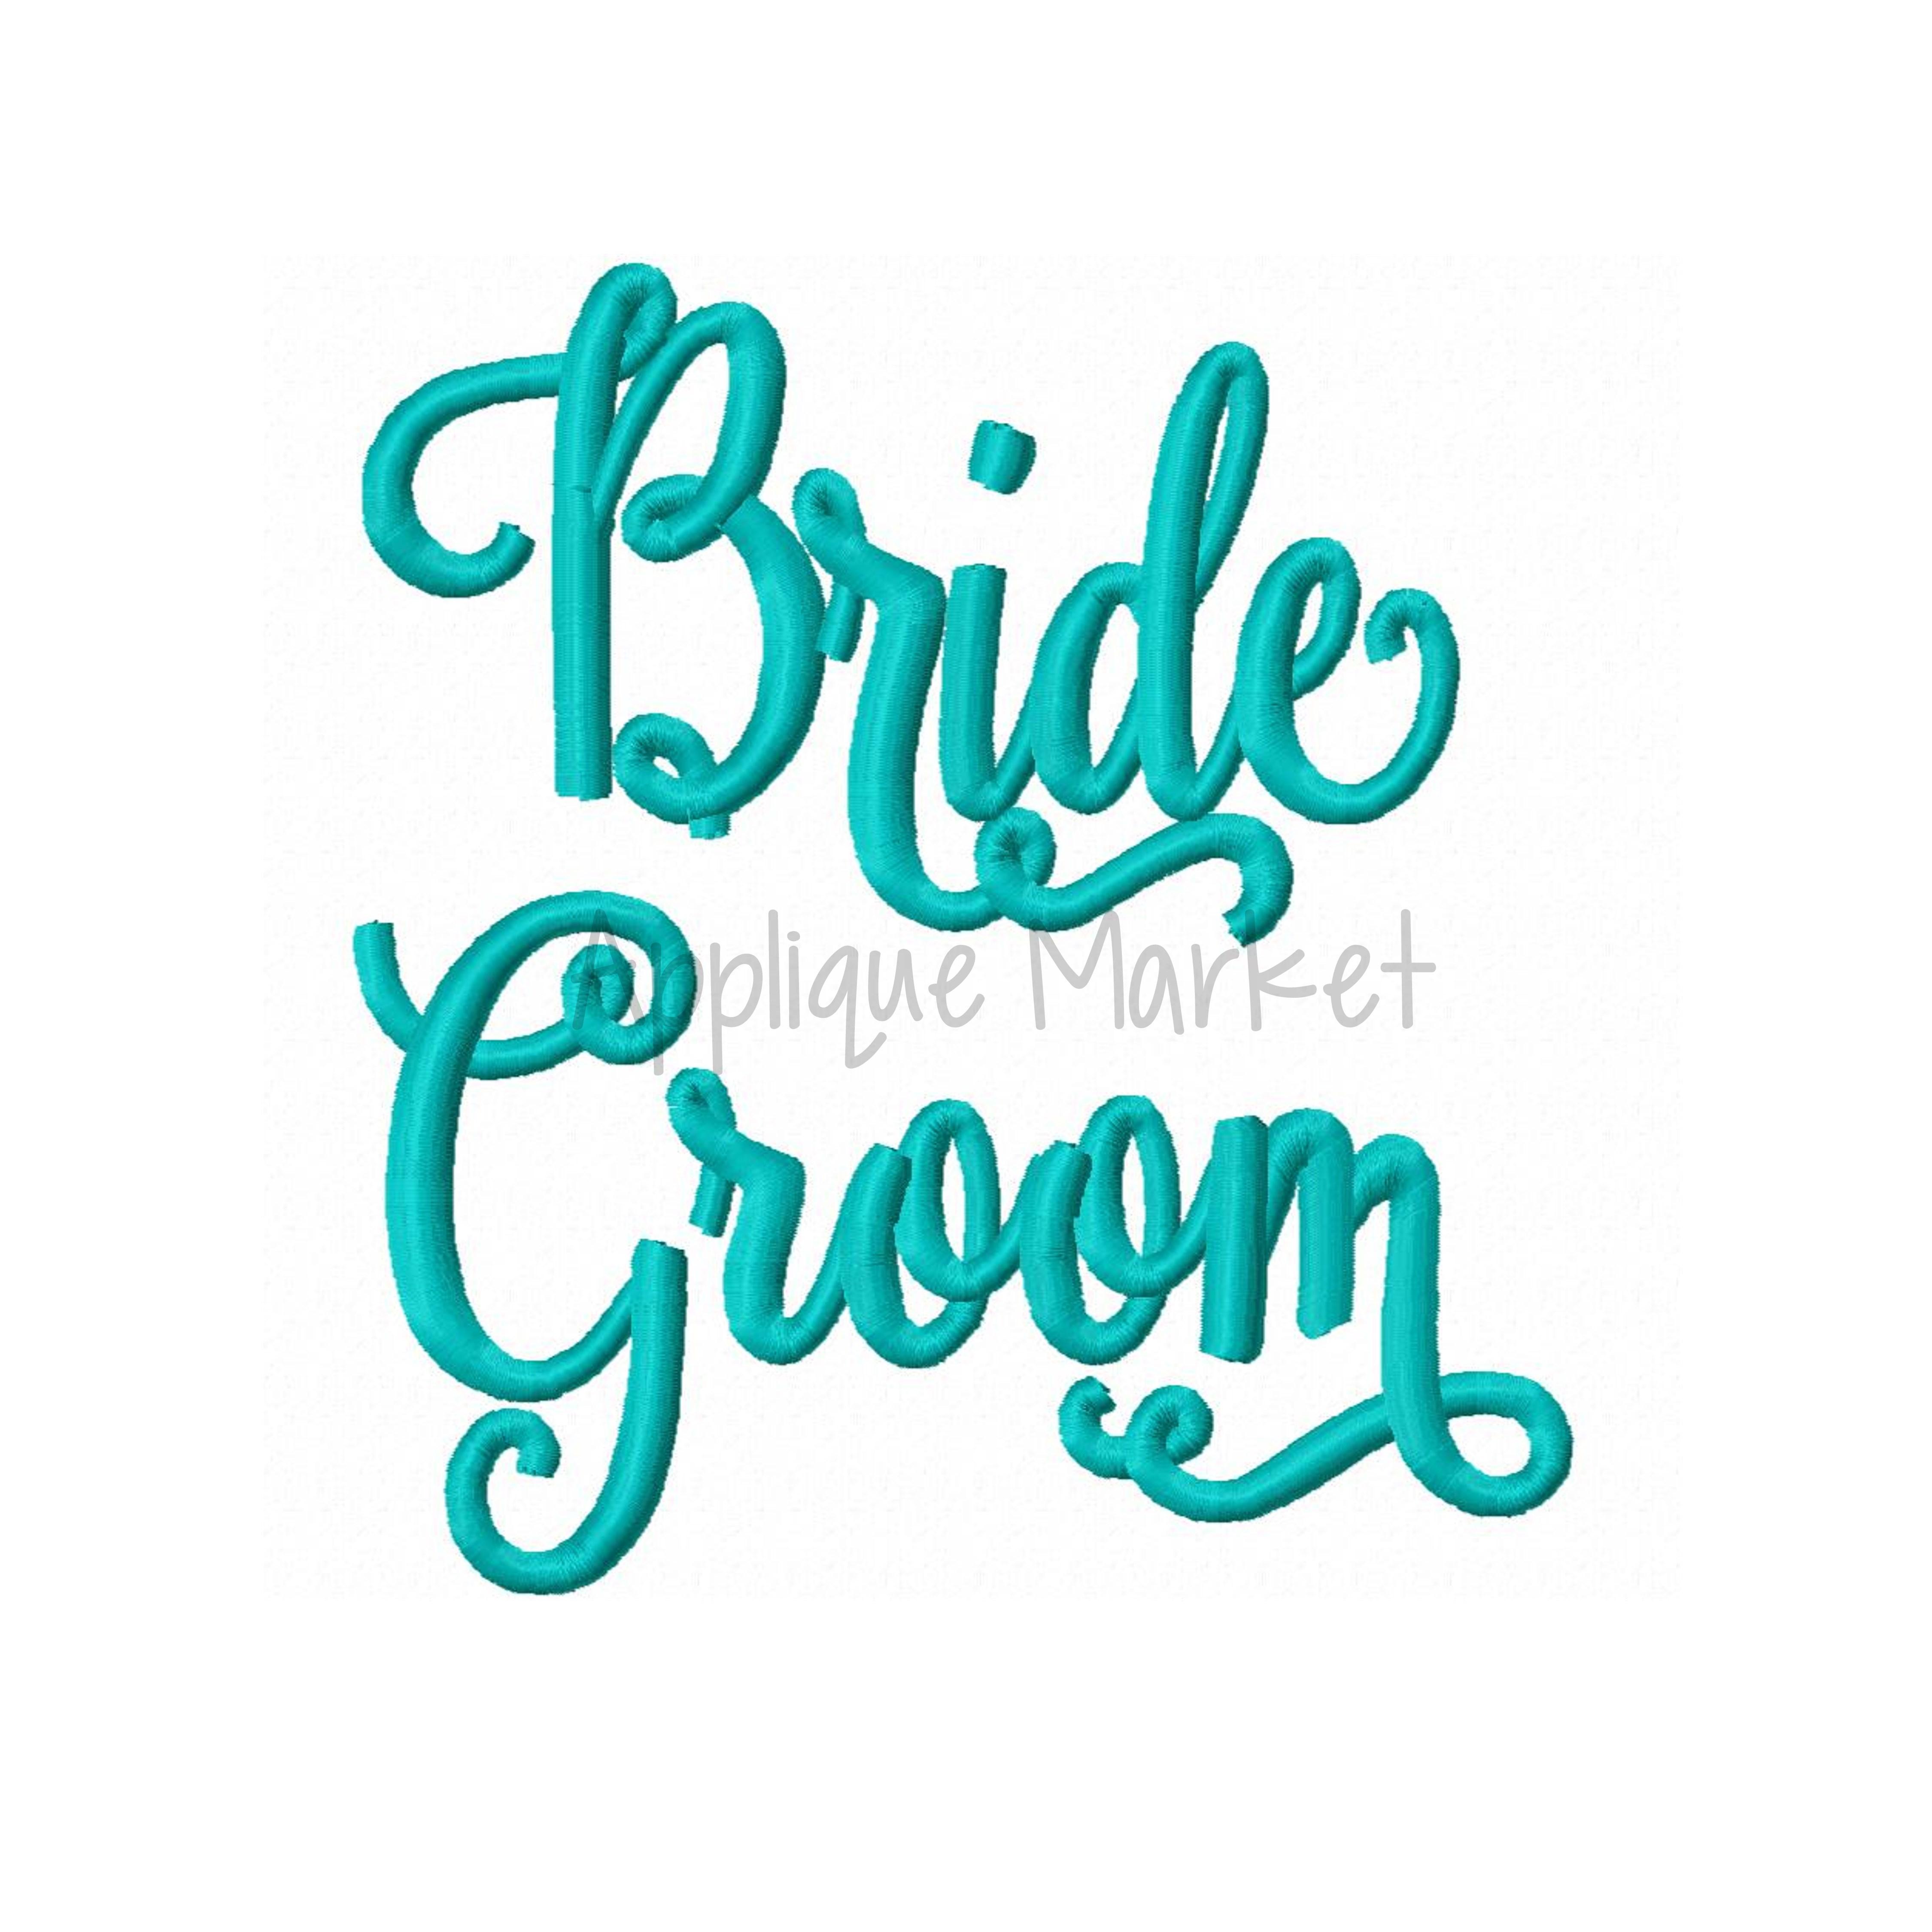 Bride Groom Embroidery Applique Design